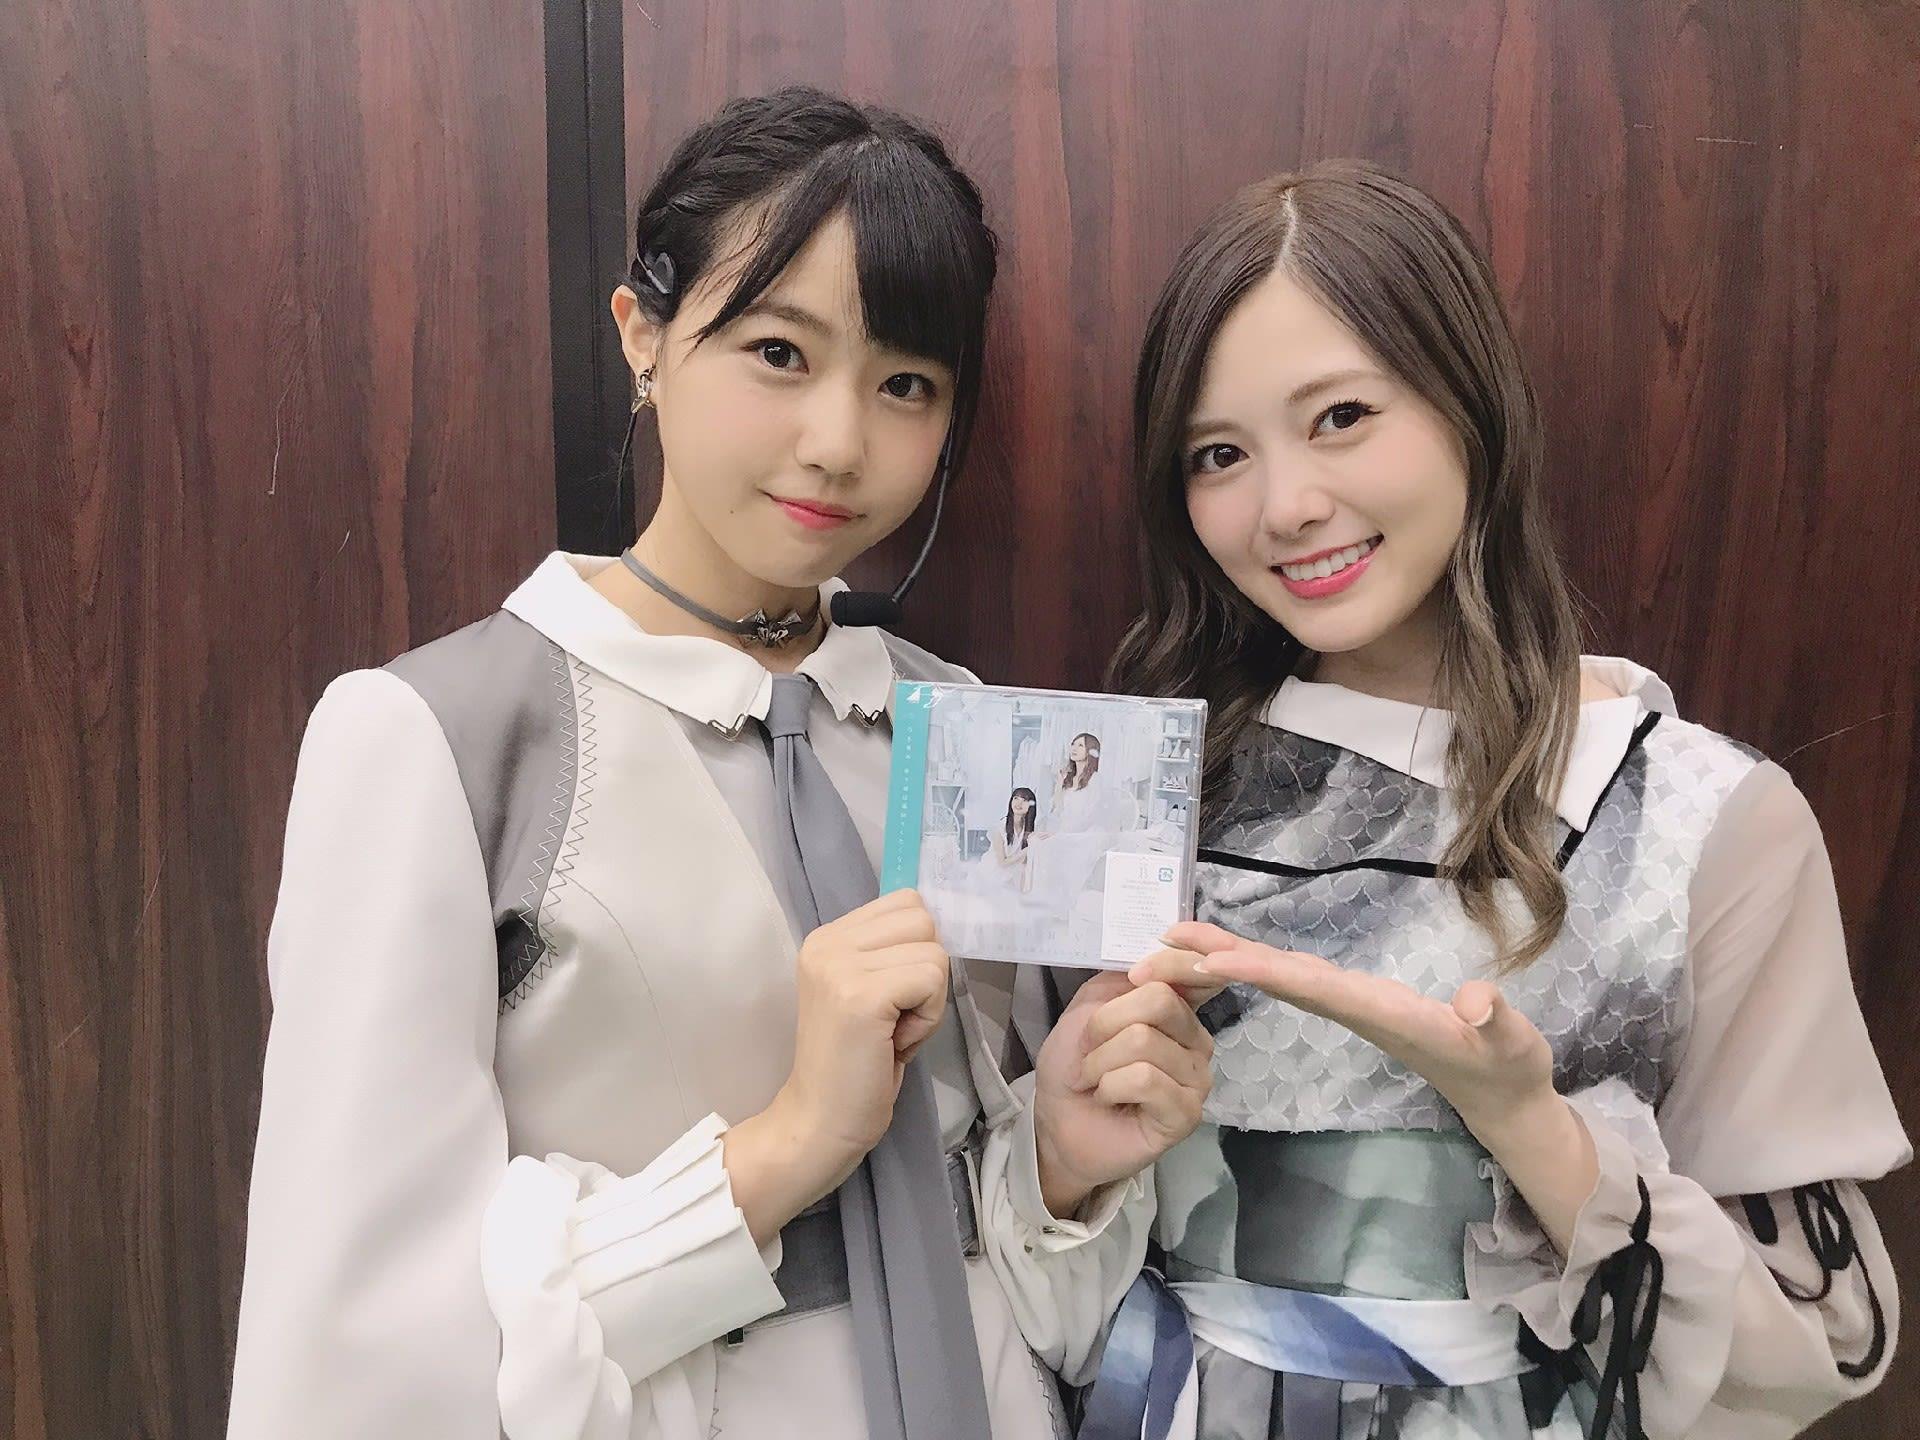 【画像】 STU48瀧野由美子さん、白石麻衣を公開処刑wwwwwwwwwwwwwwwwwwwww